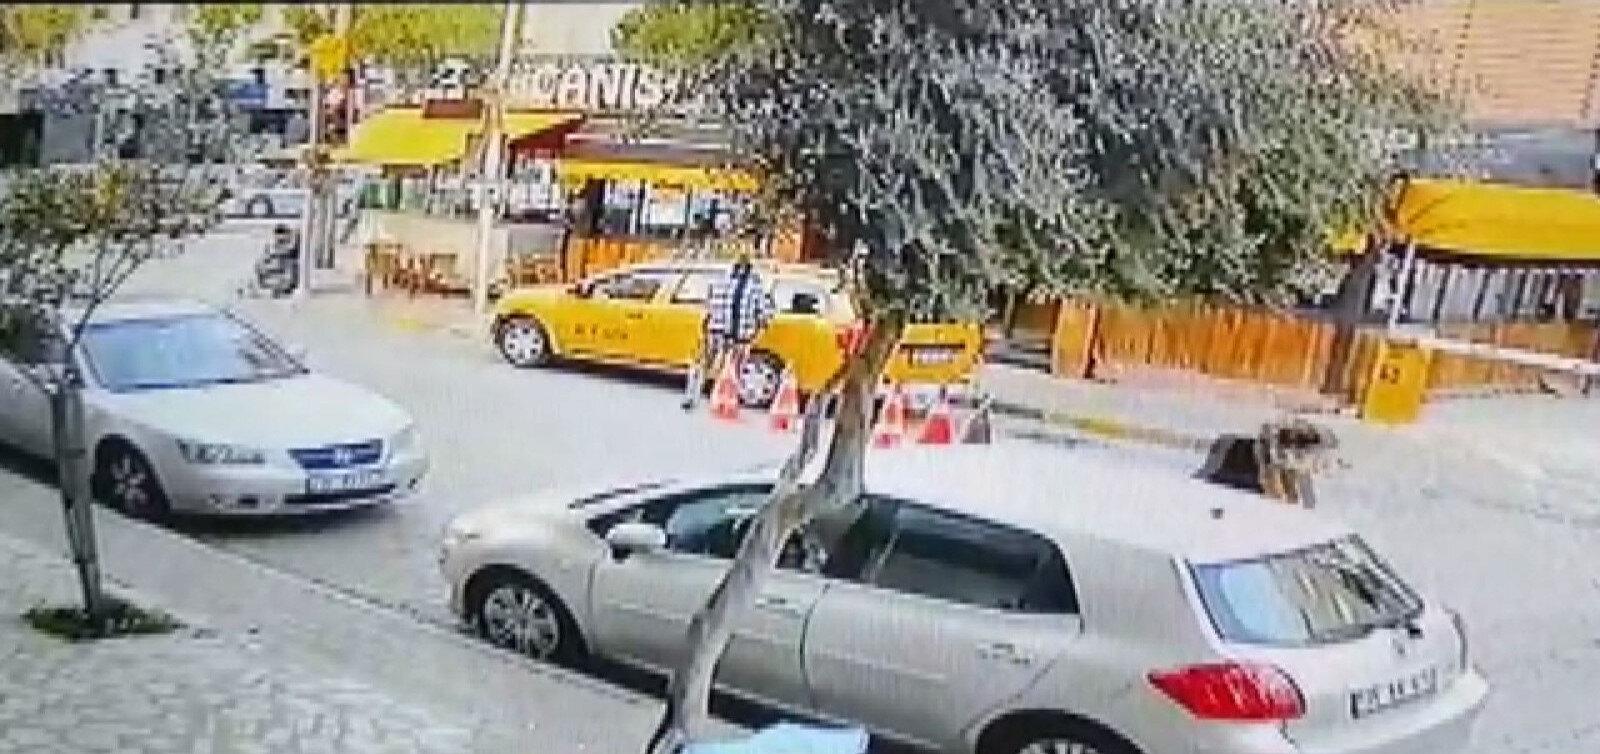 Şüpheli kadının aracı kaçırması ile sürücülerin yaşadığı panik anları güvenlik kamerasına yansıdı.